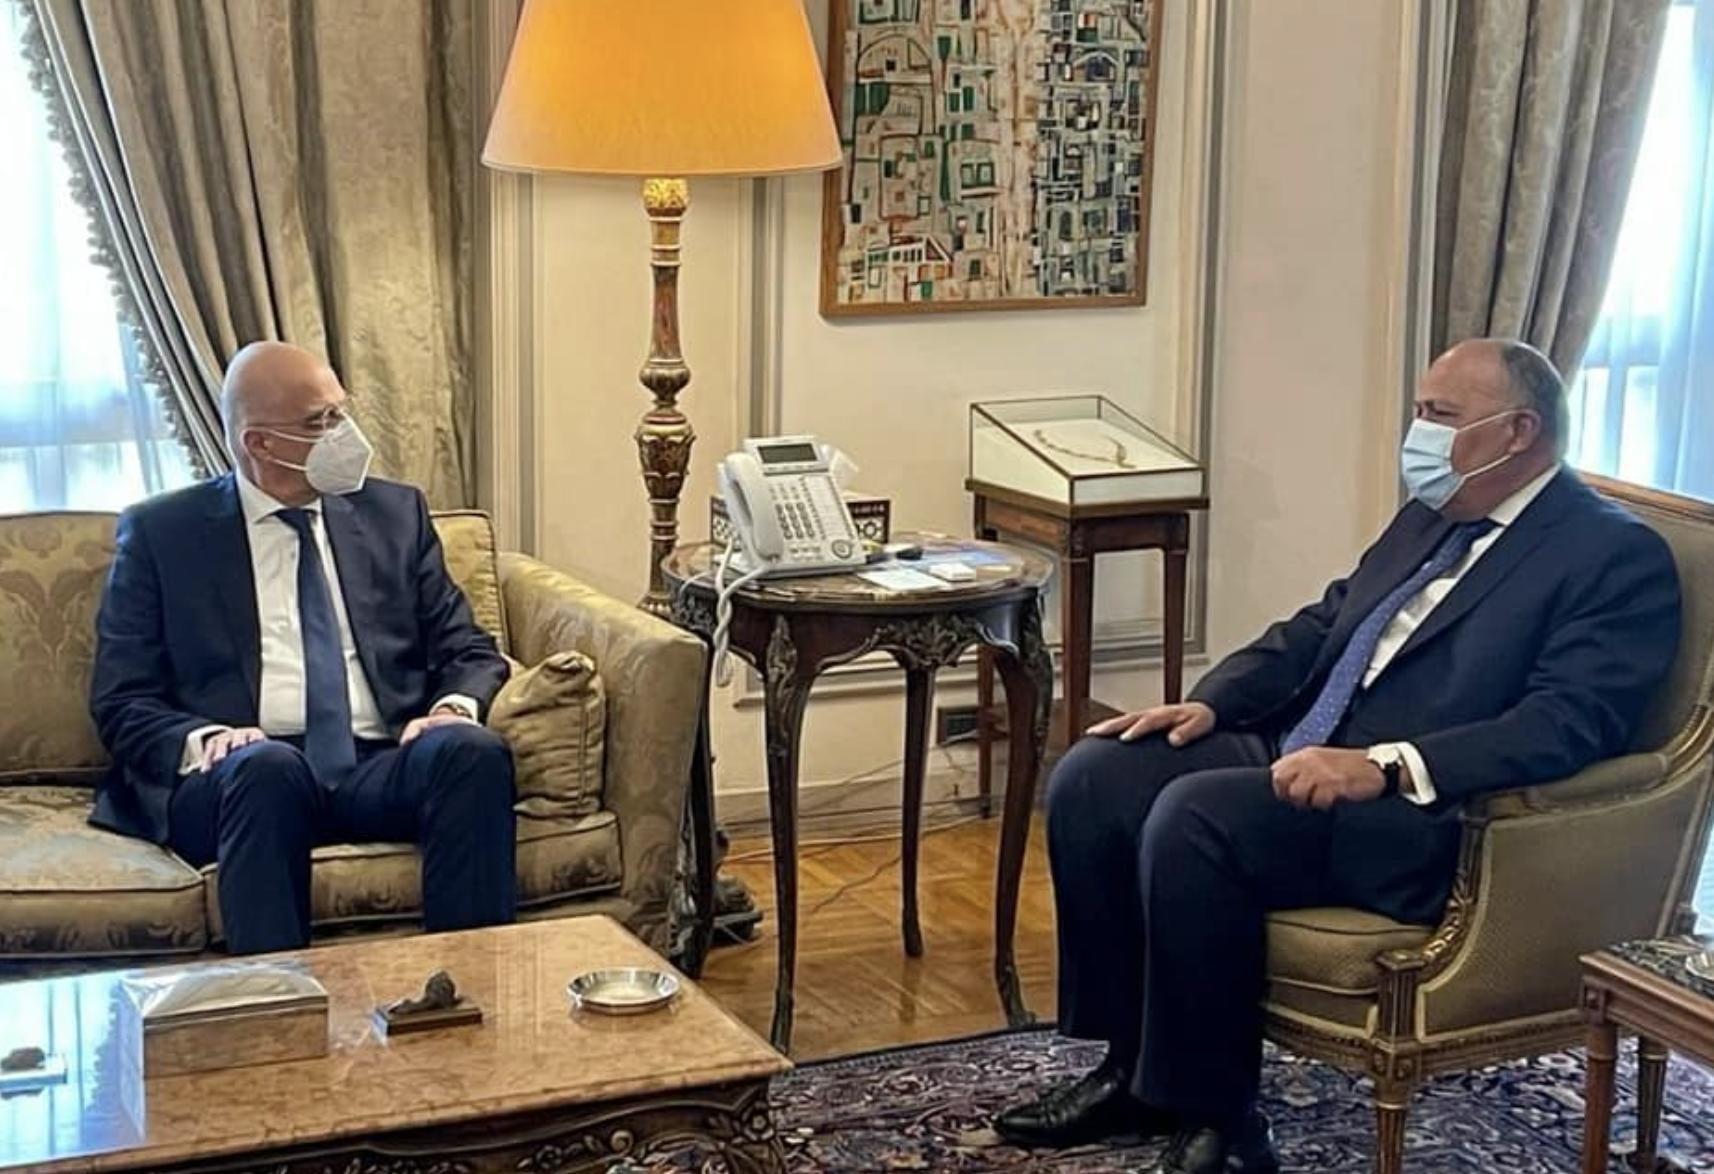 Ελλάδα: Διμερή και περιφερειακά θέματα συζήτησαν Shoukry Δένδιας στο Κάιρο